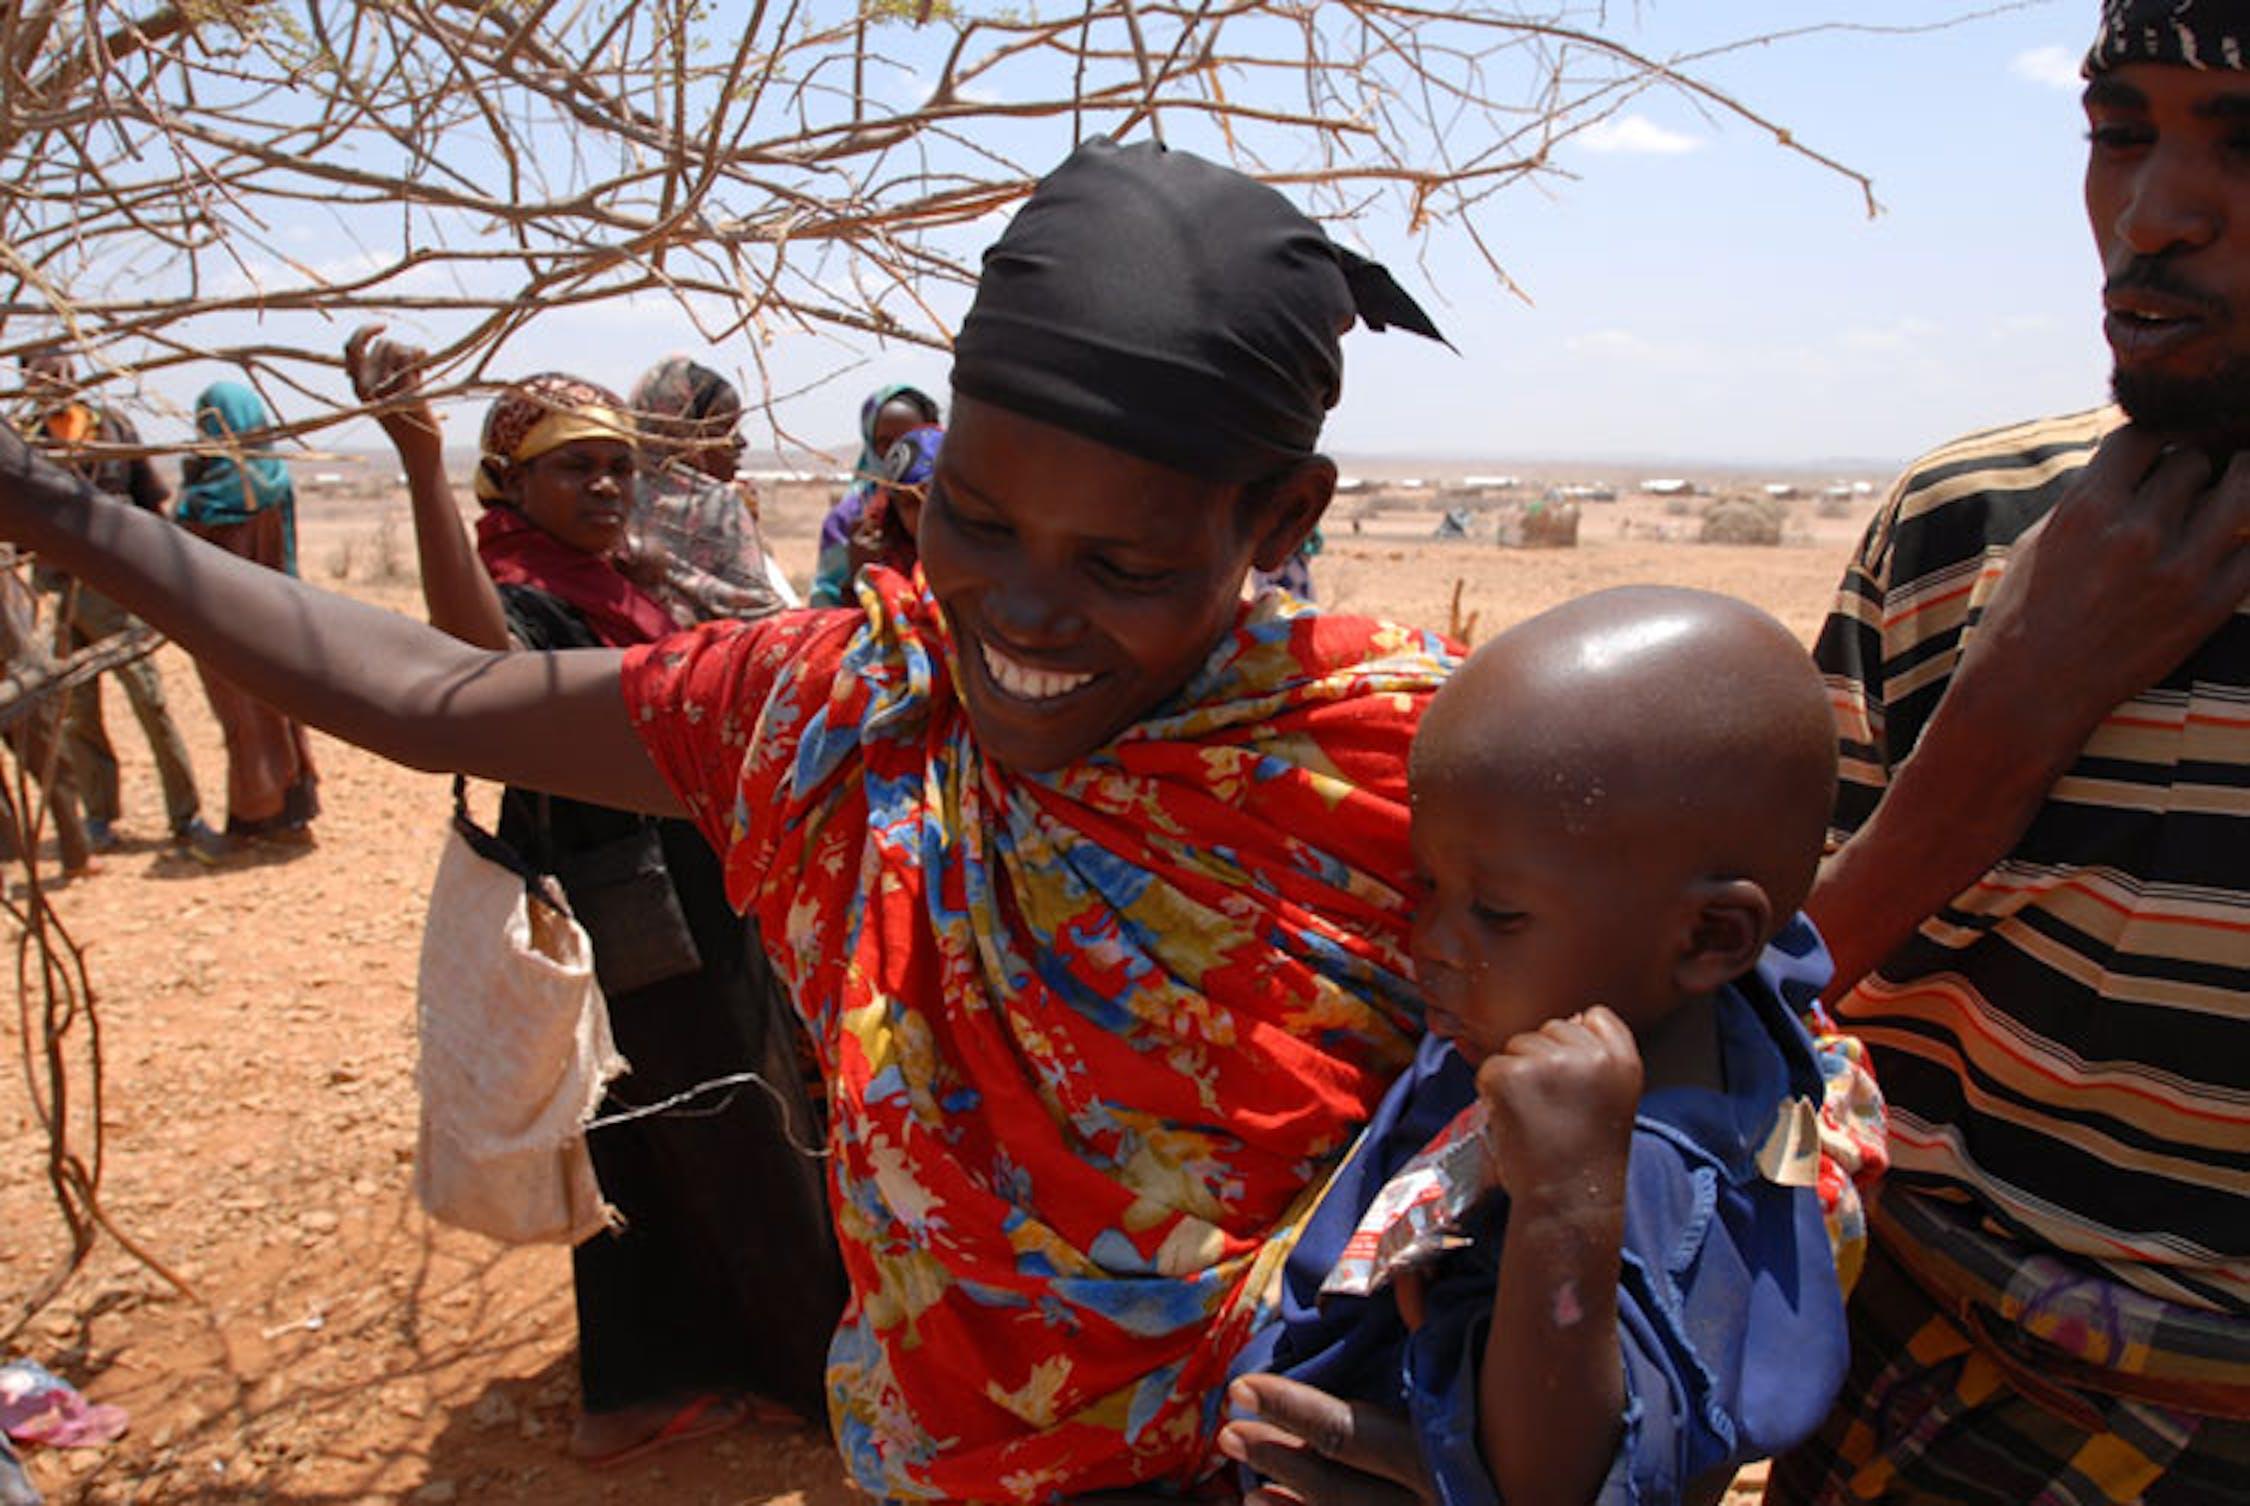 Taakow, la donna protagonista di questa storia, con il suo bambino subito dopo la vaccinazione - ©UNICEF Etiopia/2011/Lemma